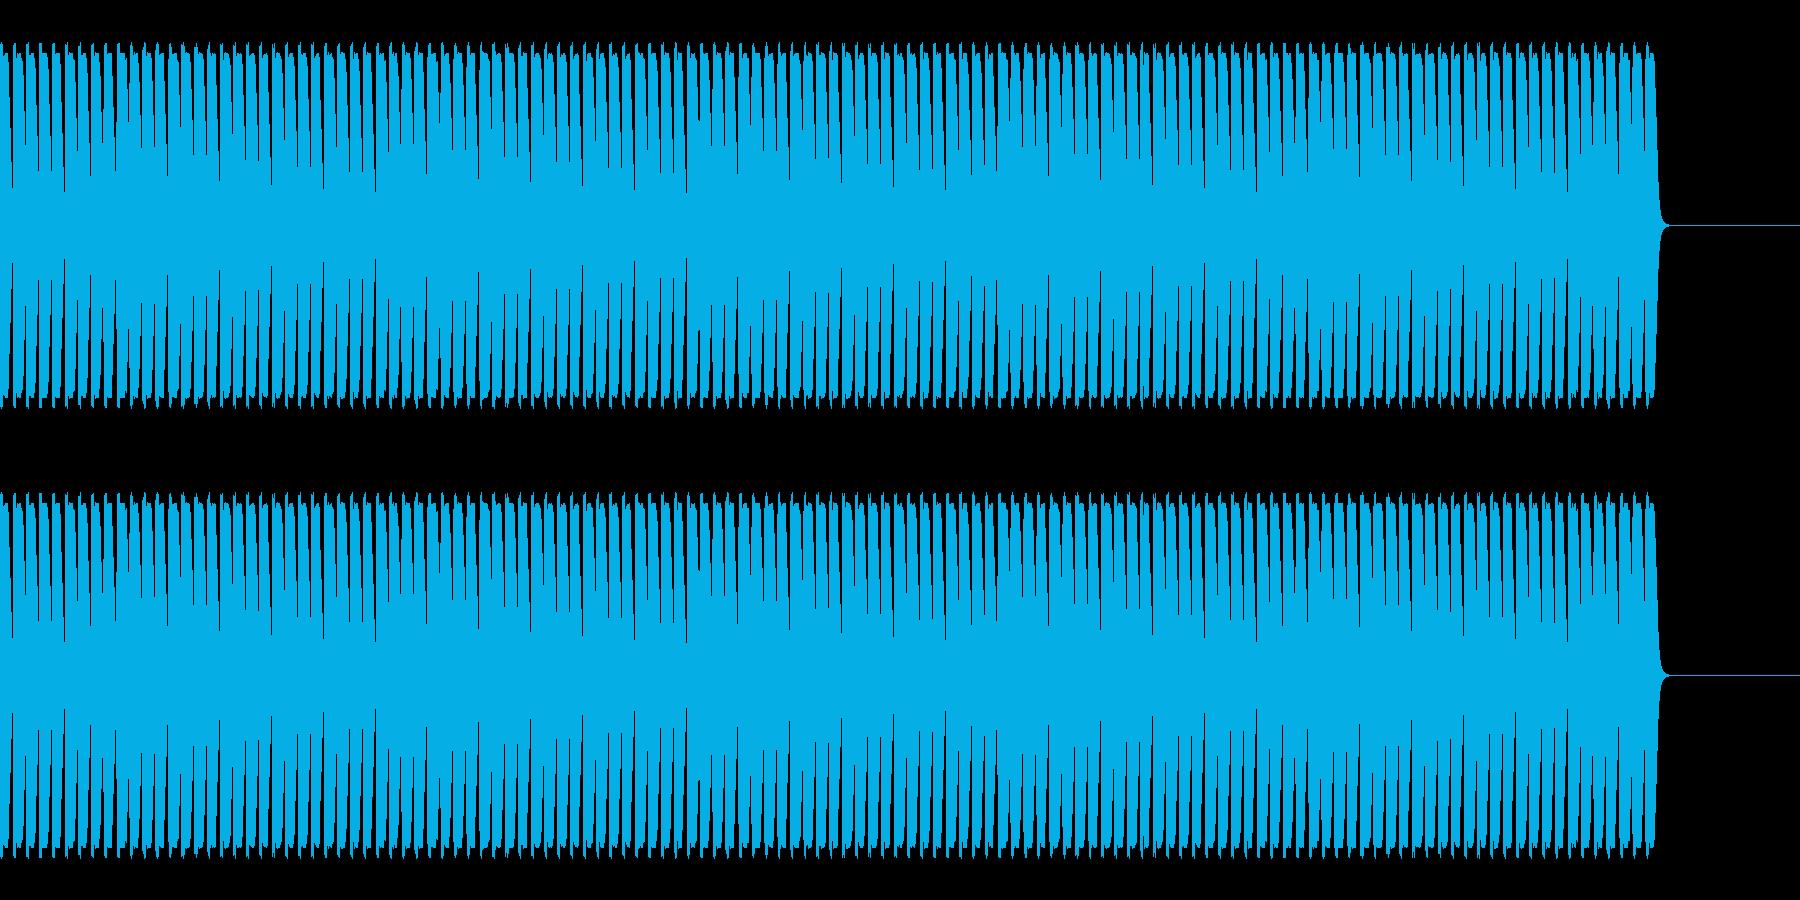 NGワード、放送禁止用語の再生済みの波形